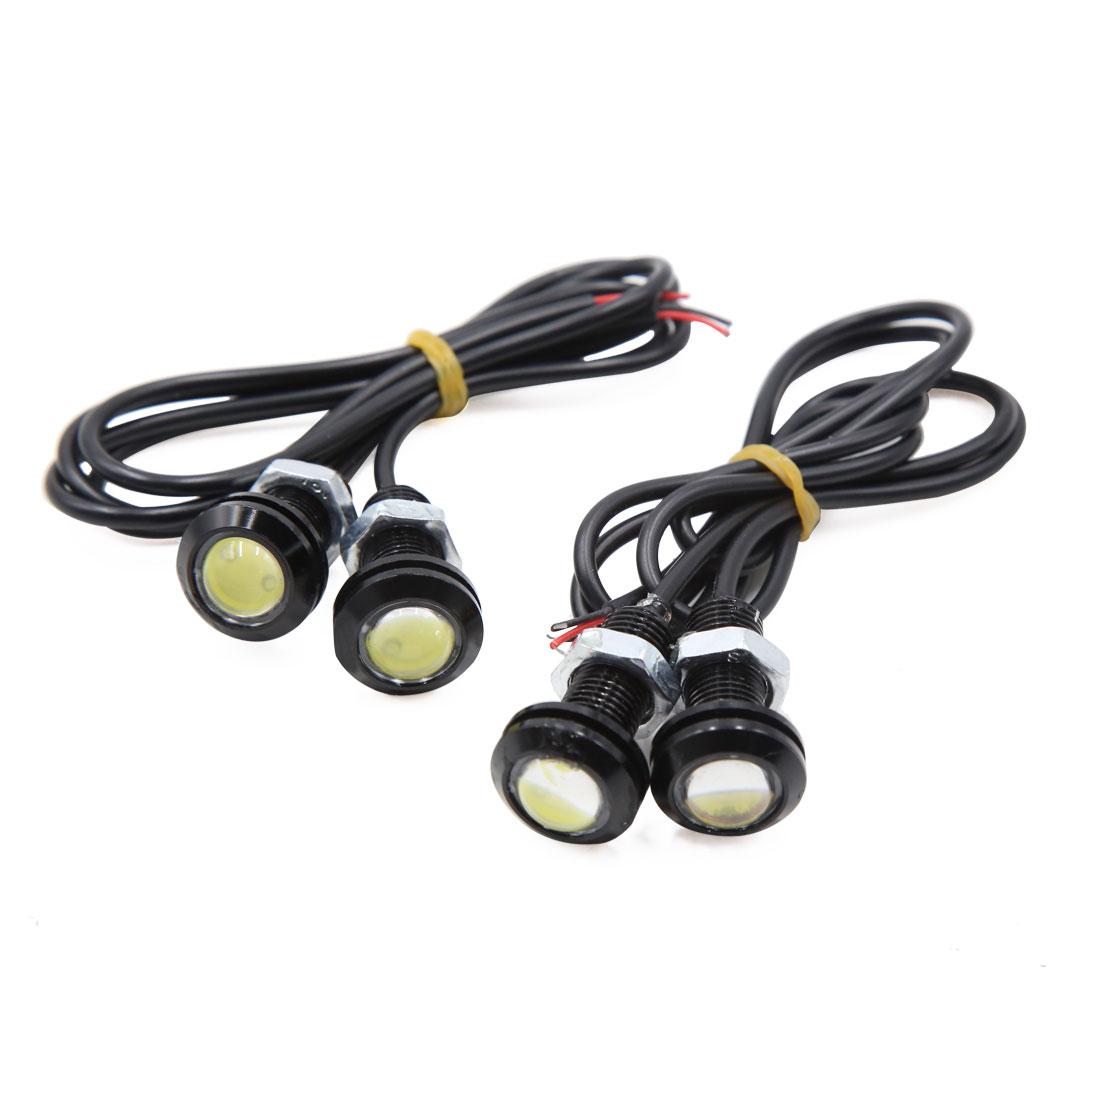 4pcs 18mm Eagle Eye LED Fog Lights Car Motor DRL Backup Bulbs White 12V 1.5W